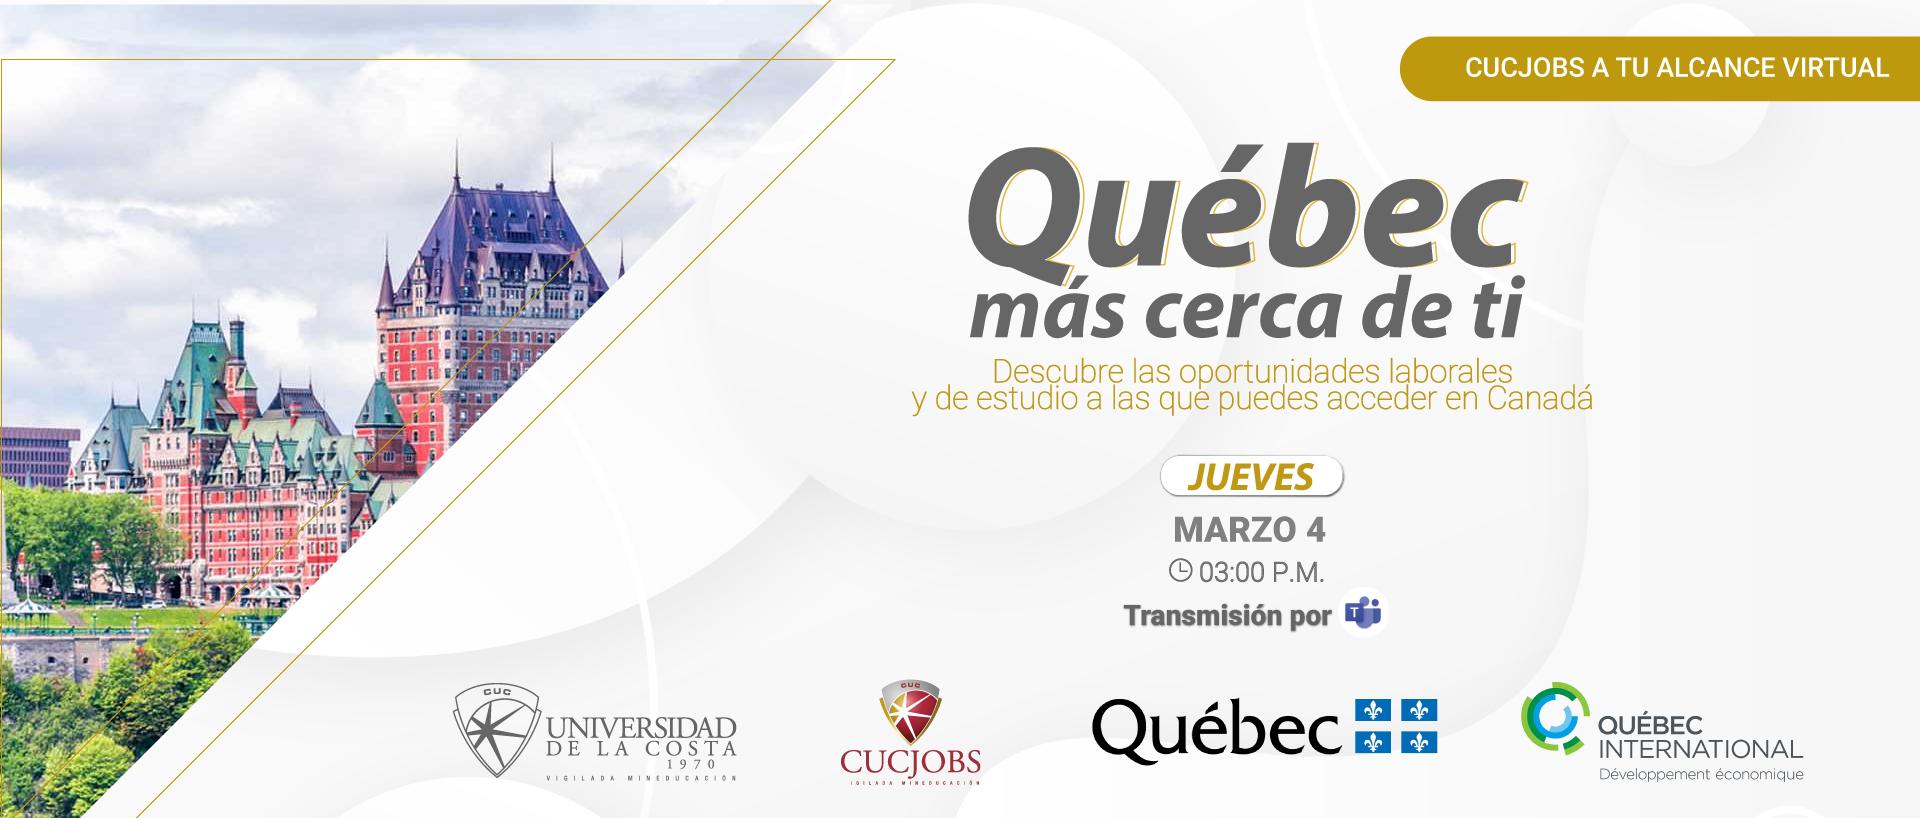 Cucjobs a tu Alcance Virtual: Québec más cerca de ti